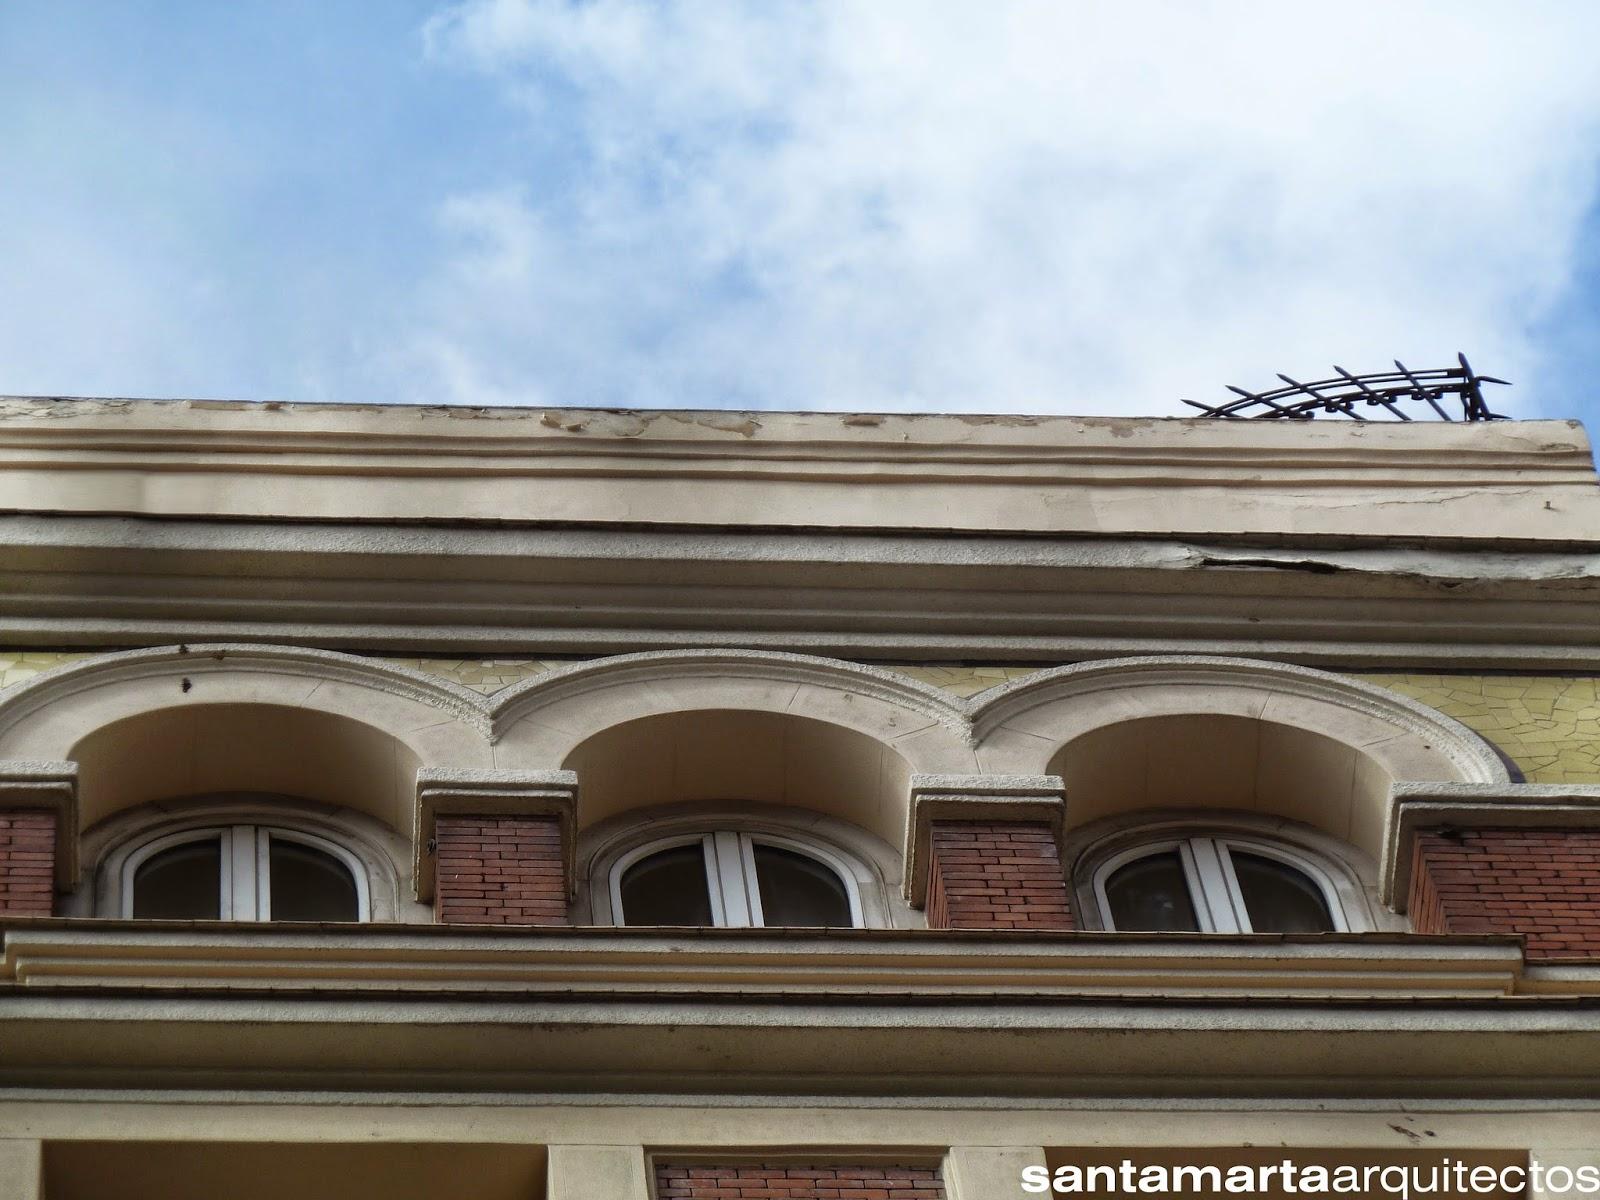 Desprendimientos y abombamiento del enfoscado de la fachada de la Plaza Callao